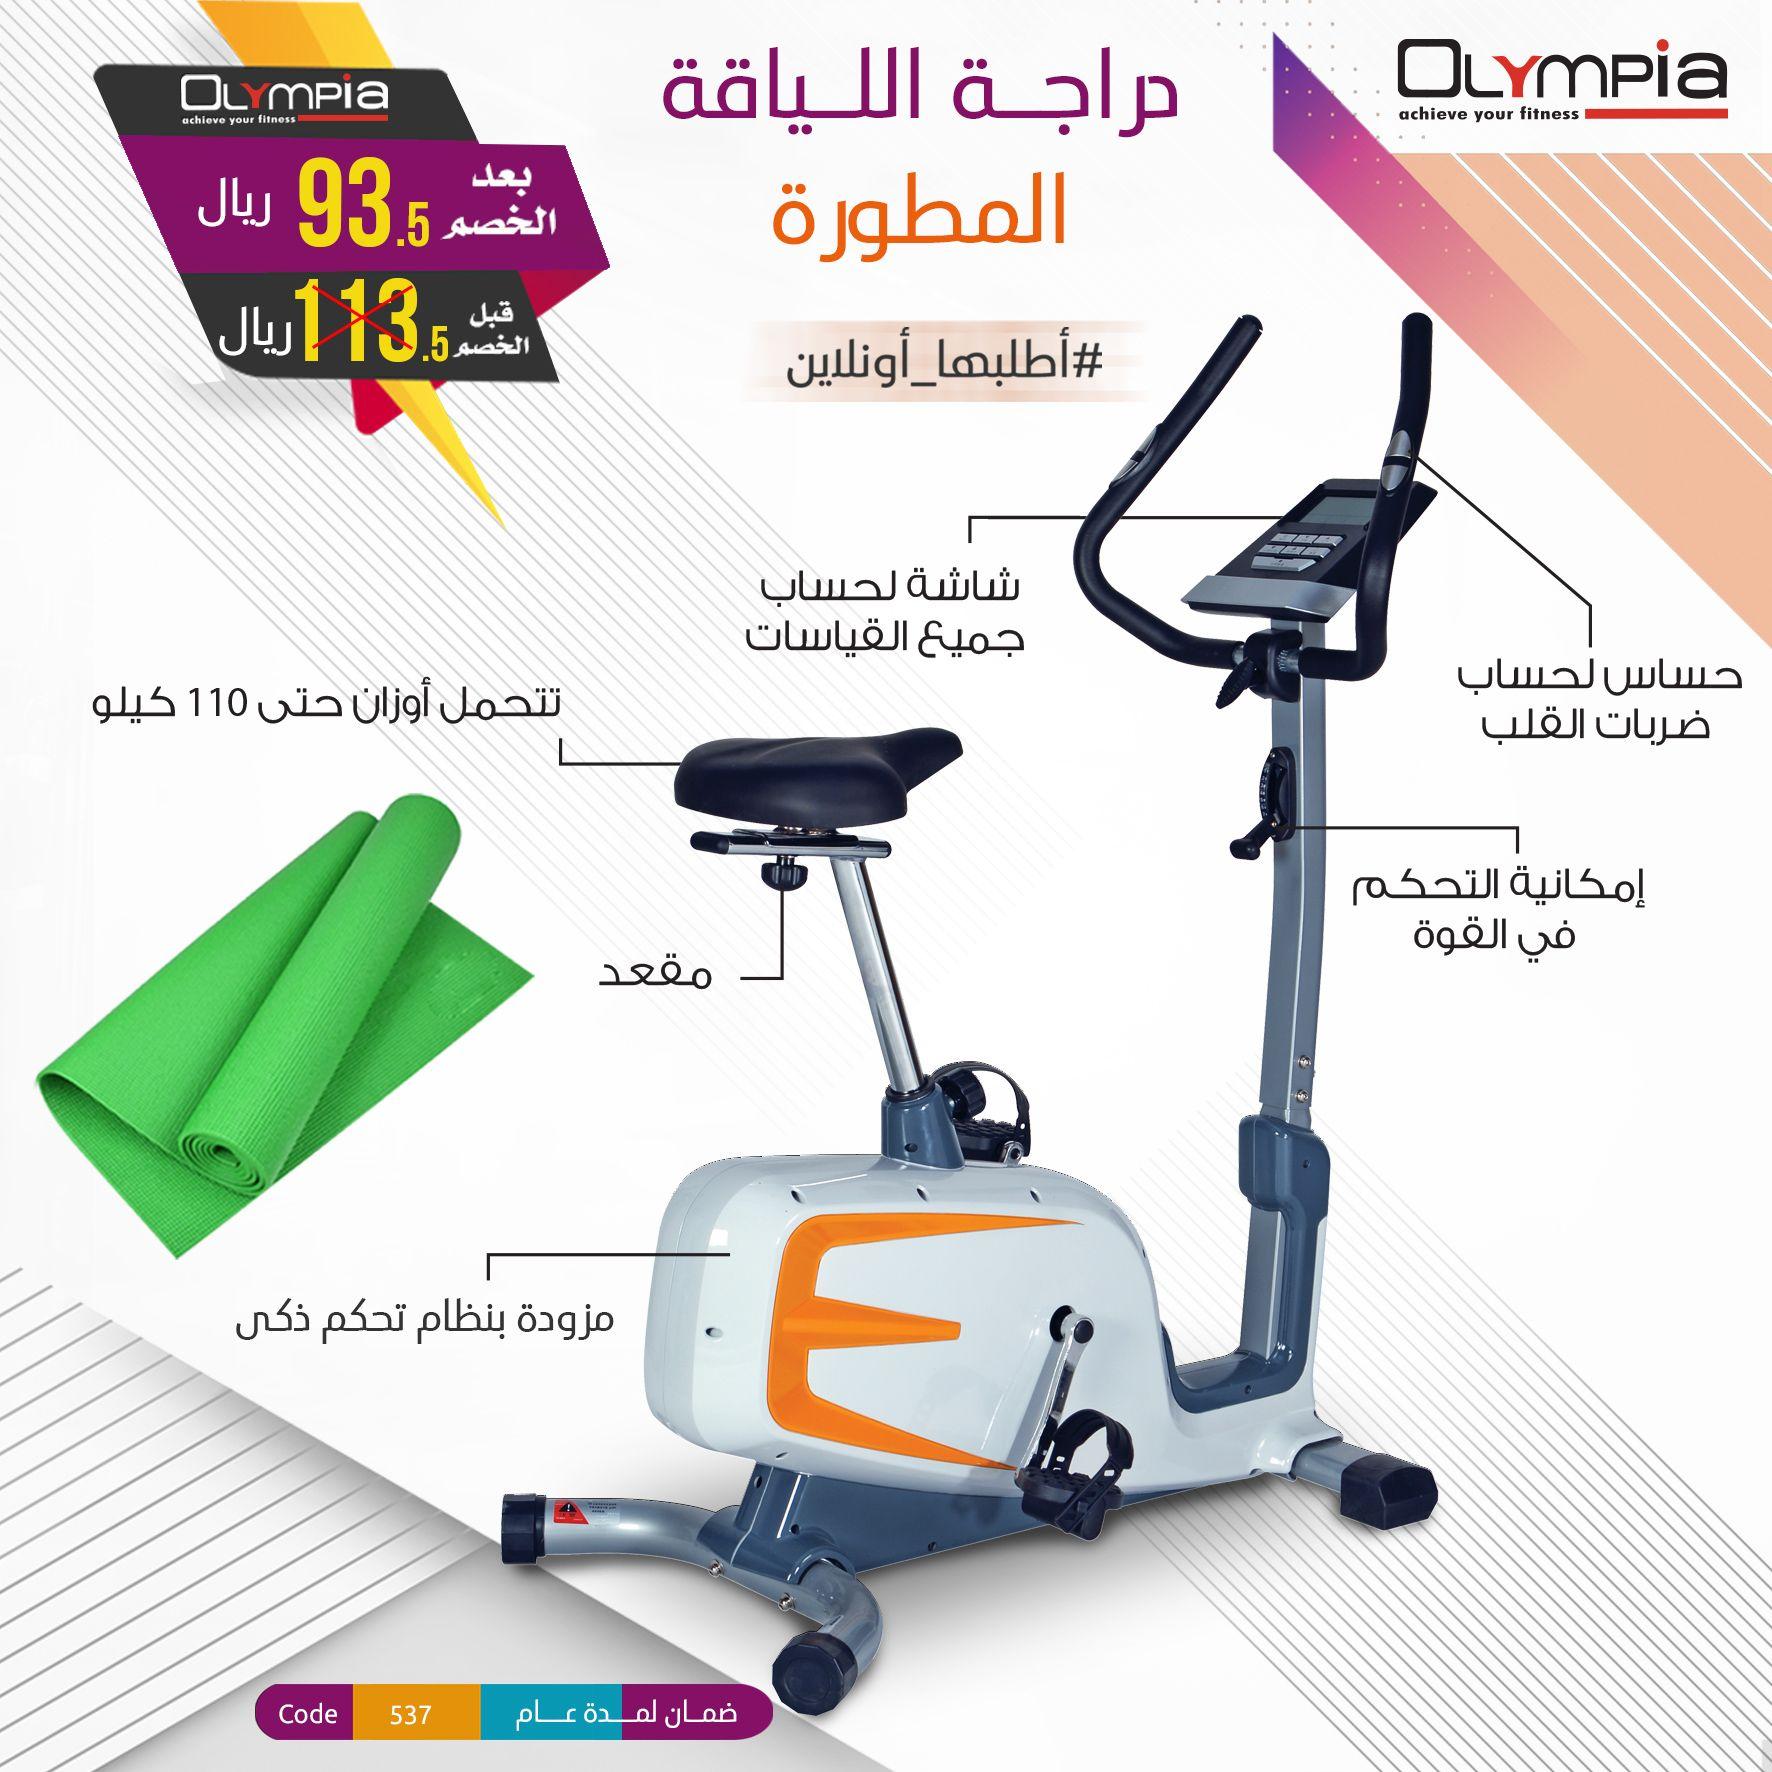 أفضل الأجهزة الرياضية بأعلى المواصفات العالمية من الومبيا أفضل الأجهزة بخصومات مميزة وأسعار تنافسية من اولمبيا تمرينك Stationary Bike Sultanate Of Oman Bike